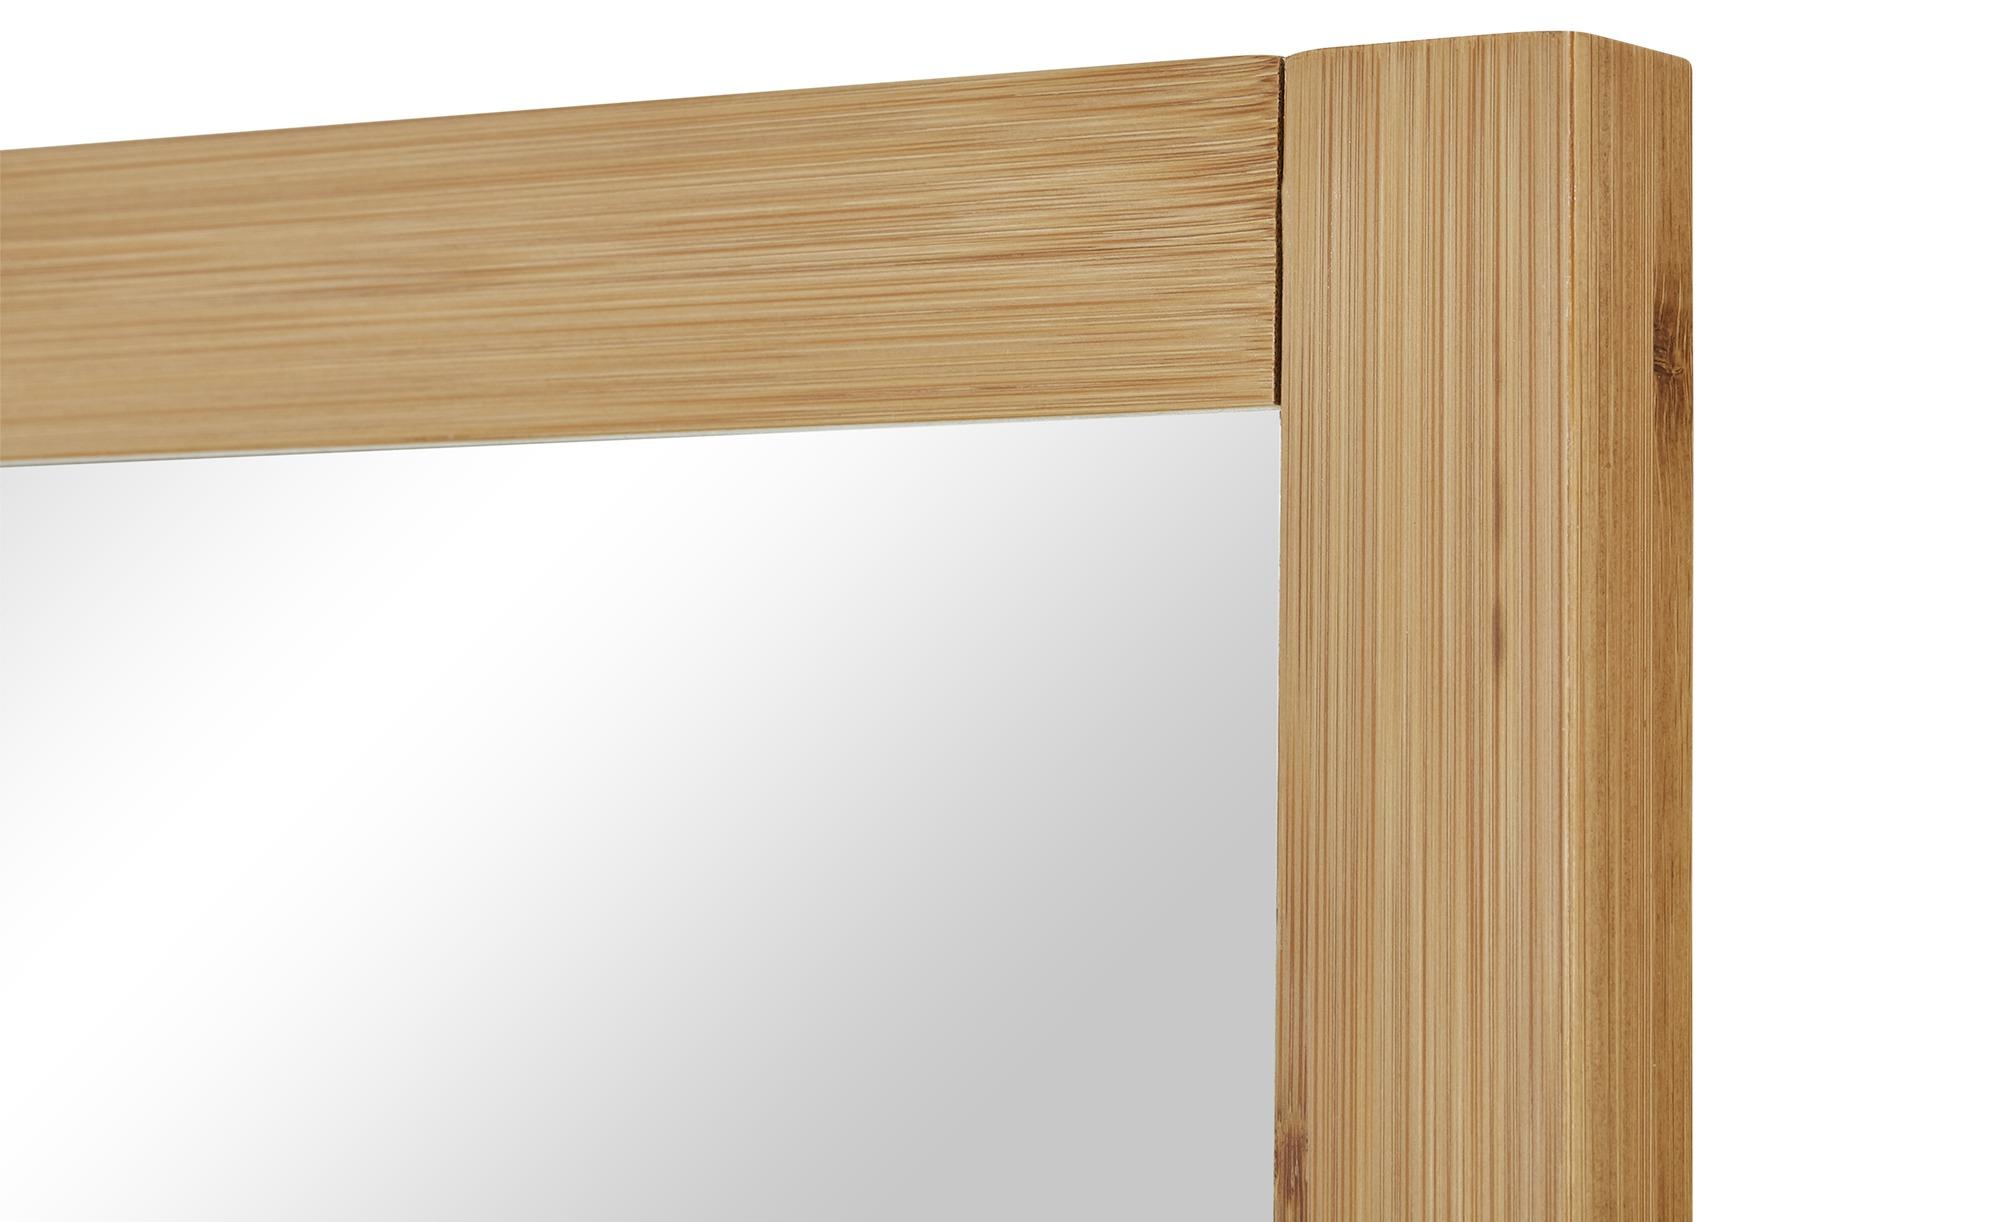 Spiegel mit Ablage  Clio ¦ holzfarben ¦ Maße (cm): B: 50 H: 70 T: 12 Badtextilien und Zubehör > Badaccessoires - Höffner   Flur & Diele > Spiegel > Wandspiegel   Holzfarben   Holzwerkstoff - Bambus - Massiv   Möbel Höffner DE